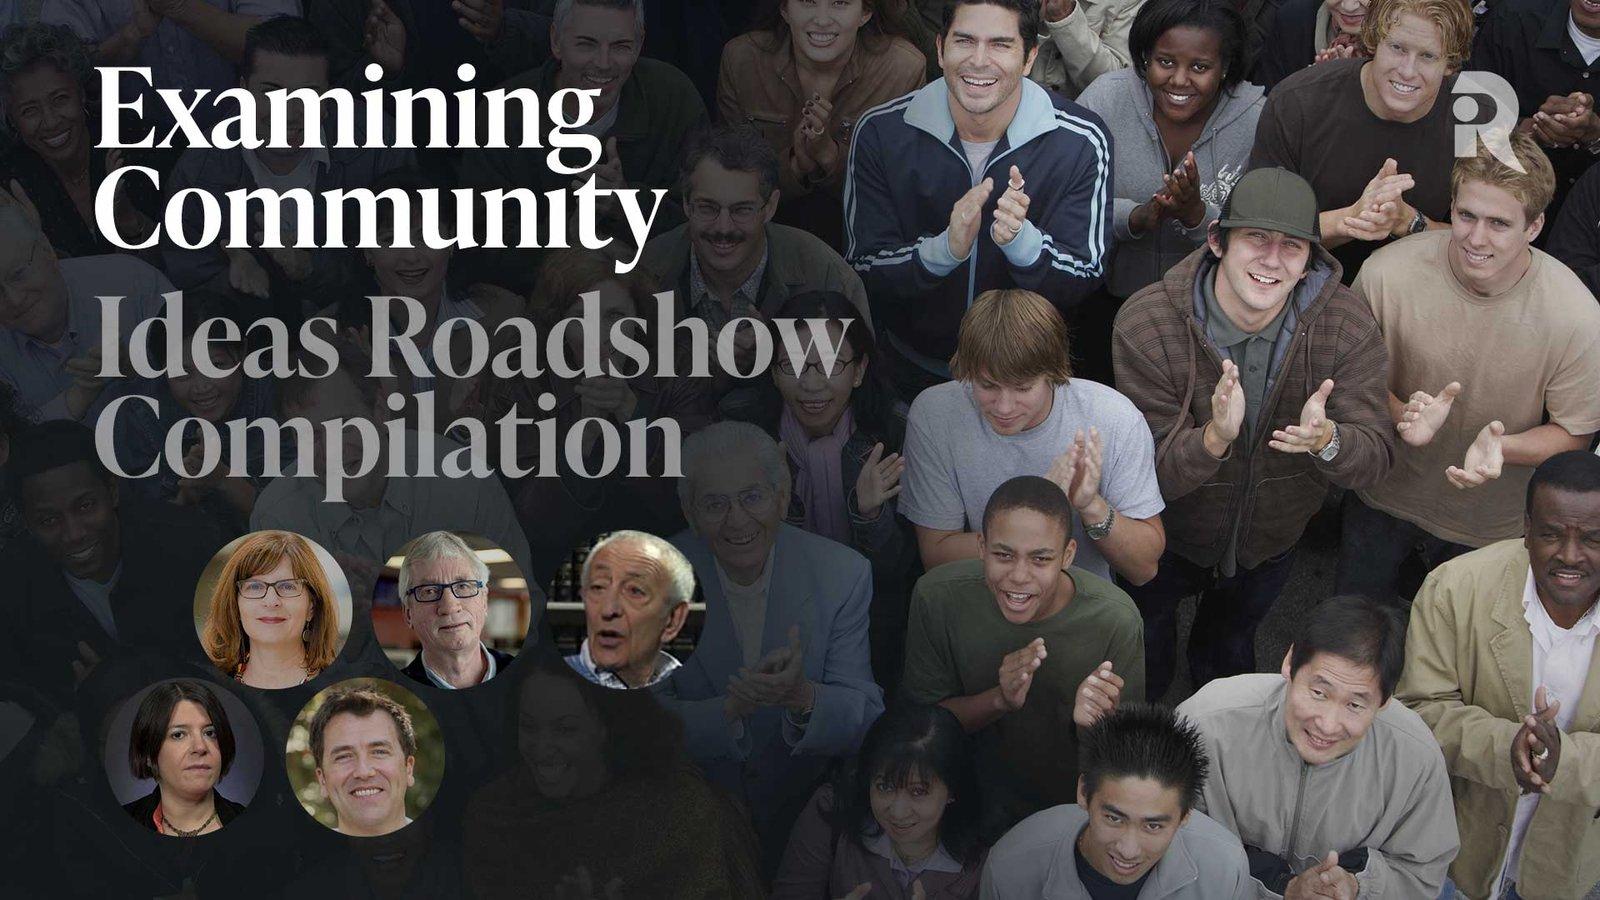 Examining Community